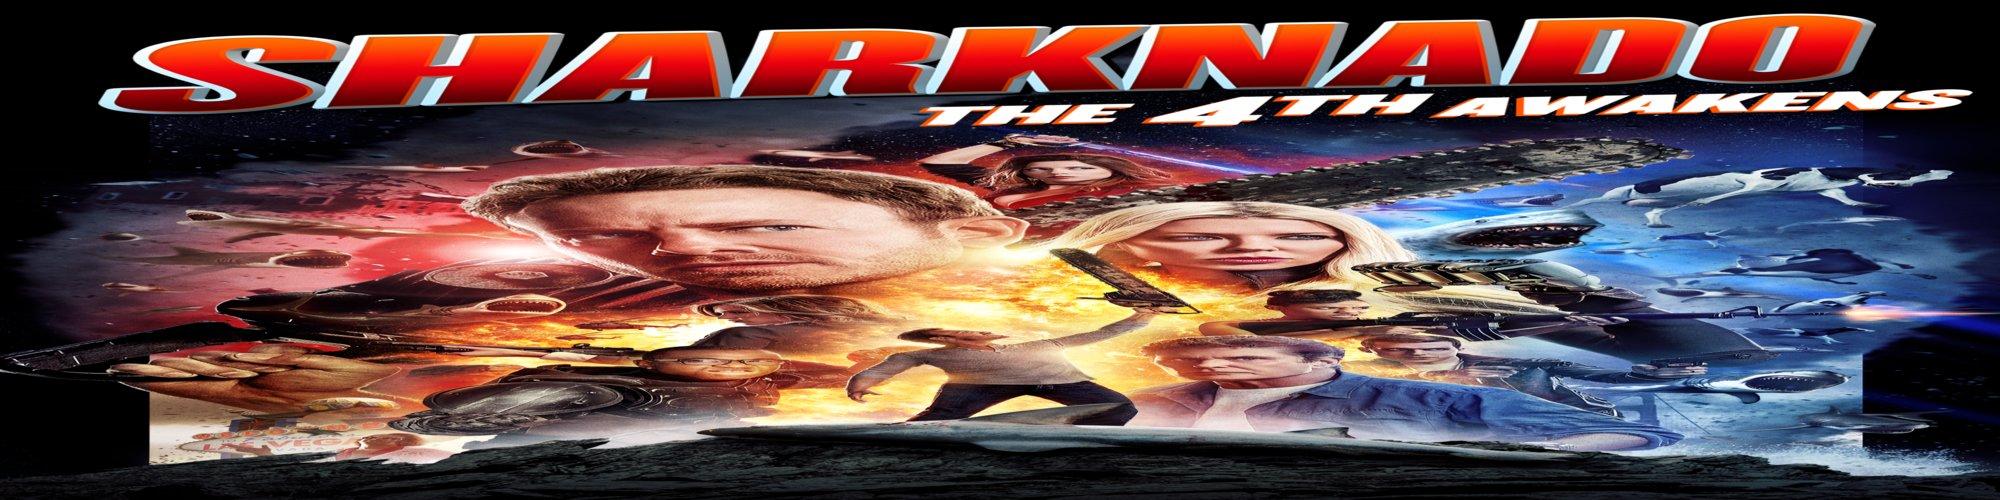 Sharknado: The 4th Awakens